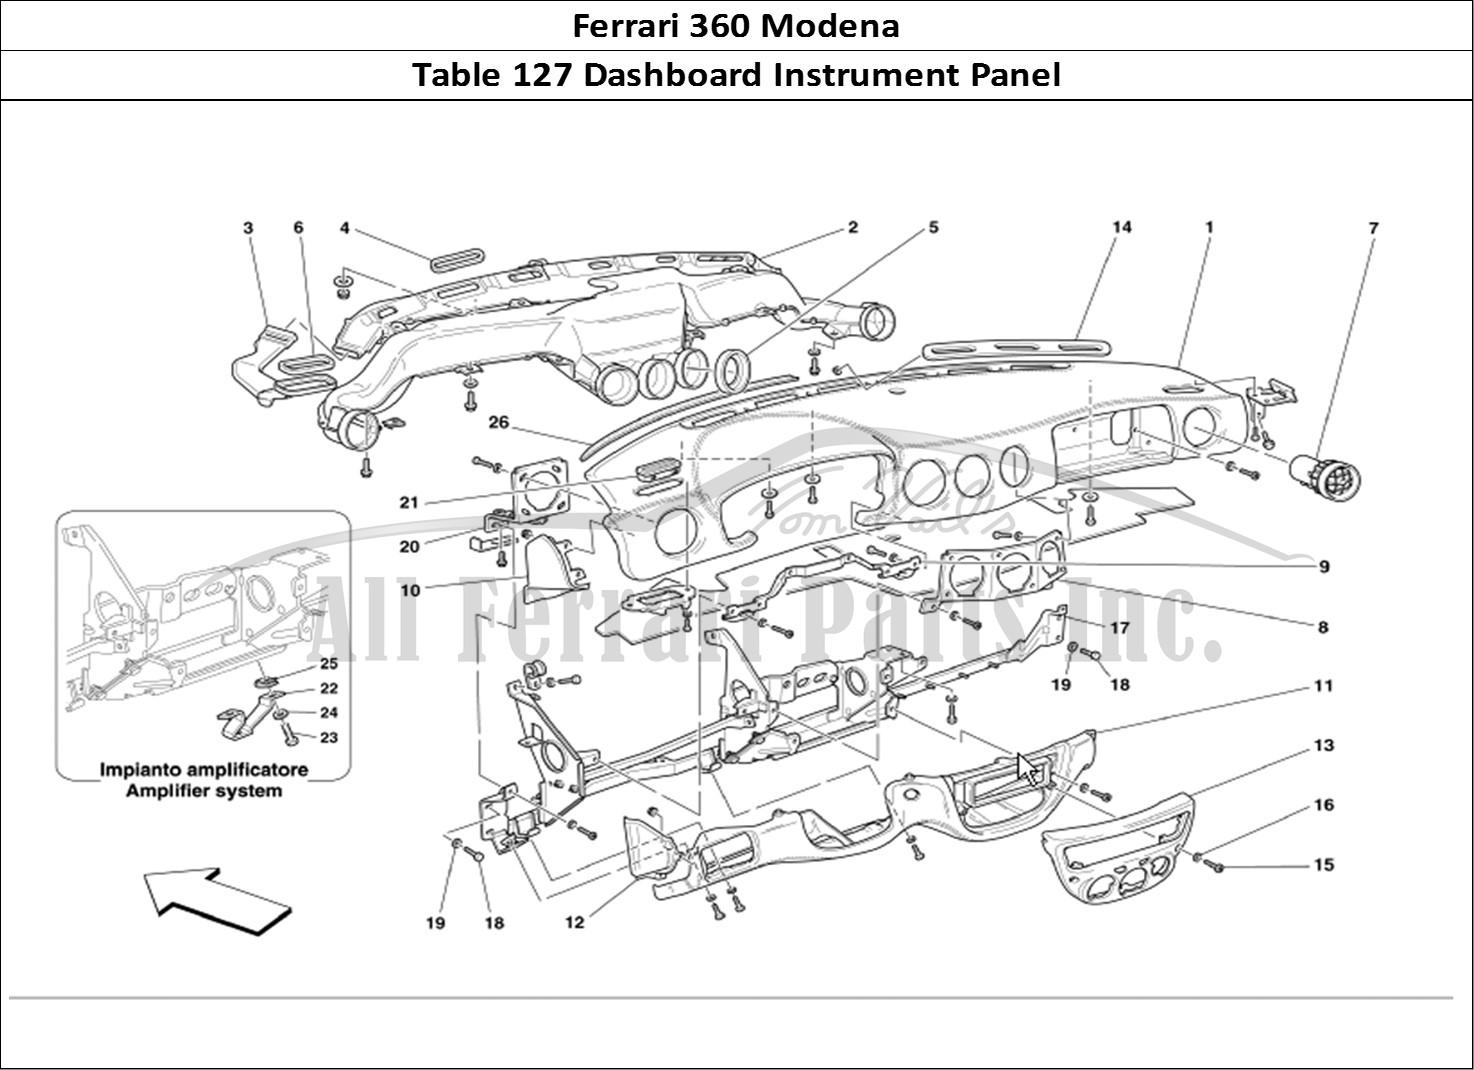 Buy original Ferrari 360 Modena 127 Dashboard Instrument